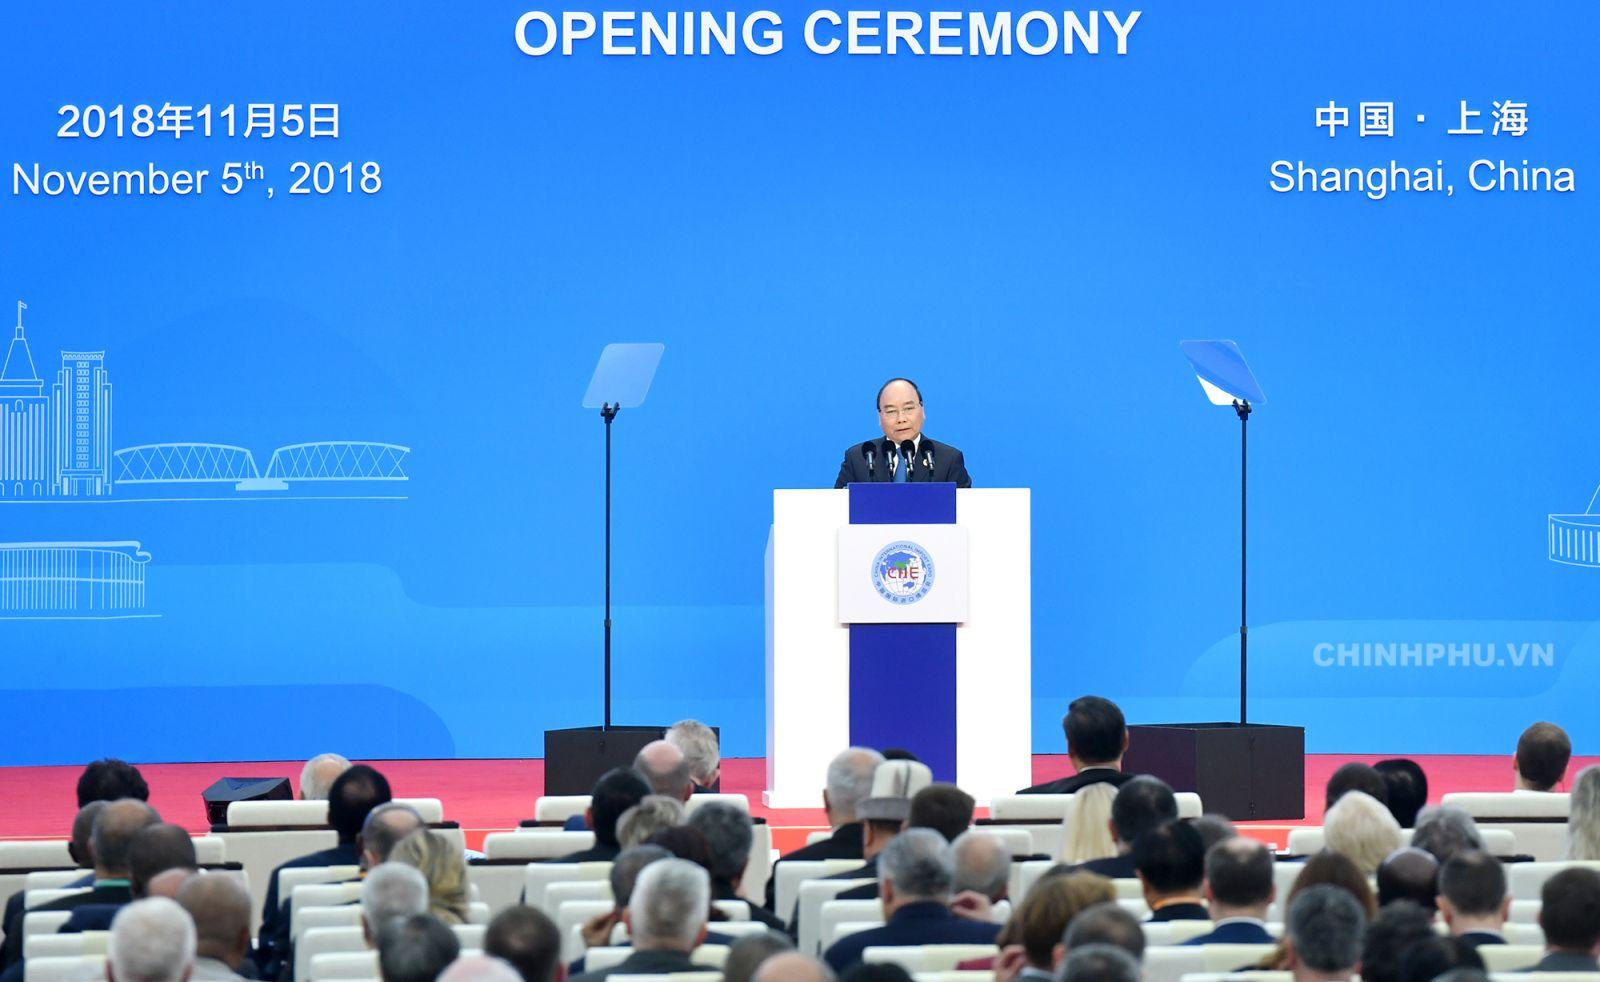 Thủ tướng Nguyễn Xuân Phúc phát biểu tại lễ khai mạc Hội chợ CIIE 2018. Ảnh: VGP/Quang Hiếu